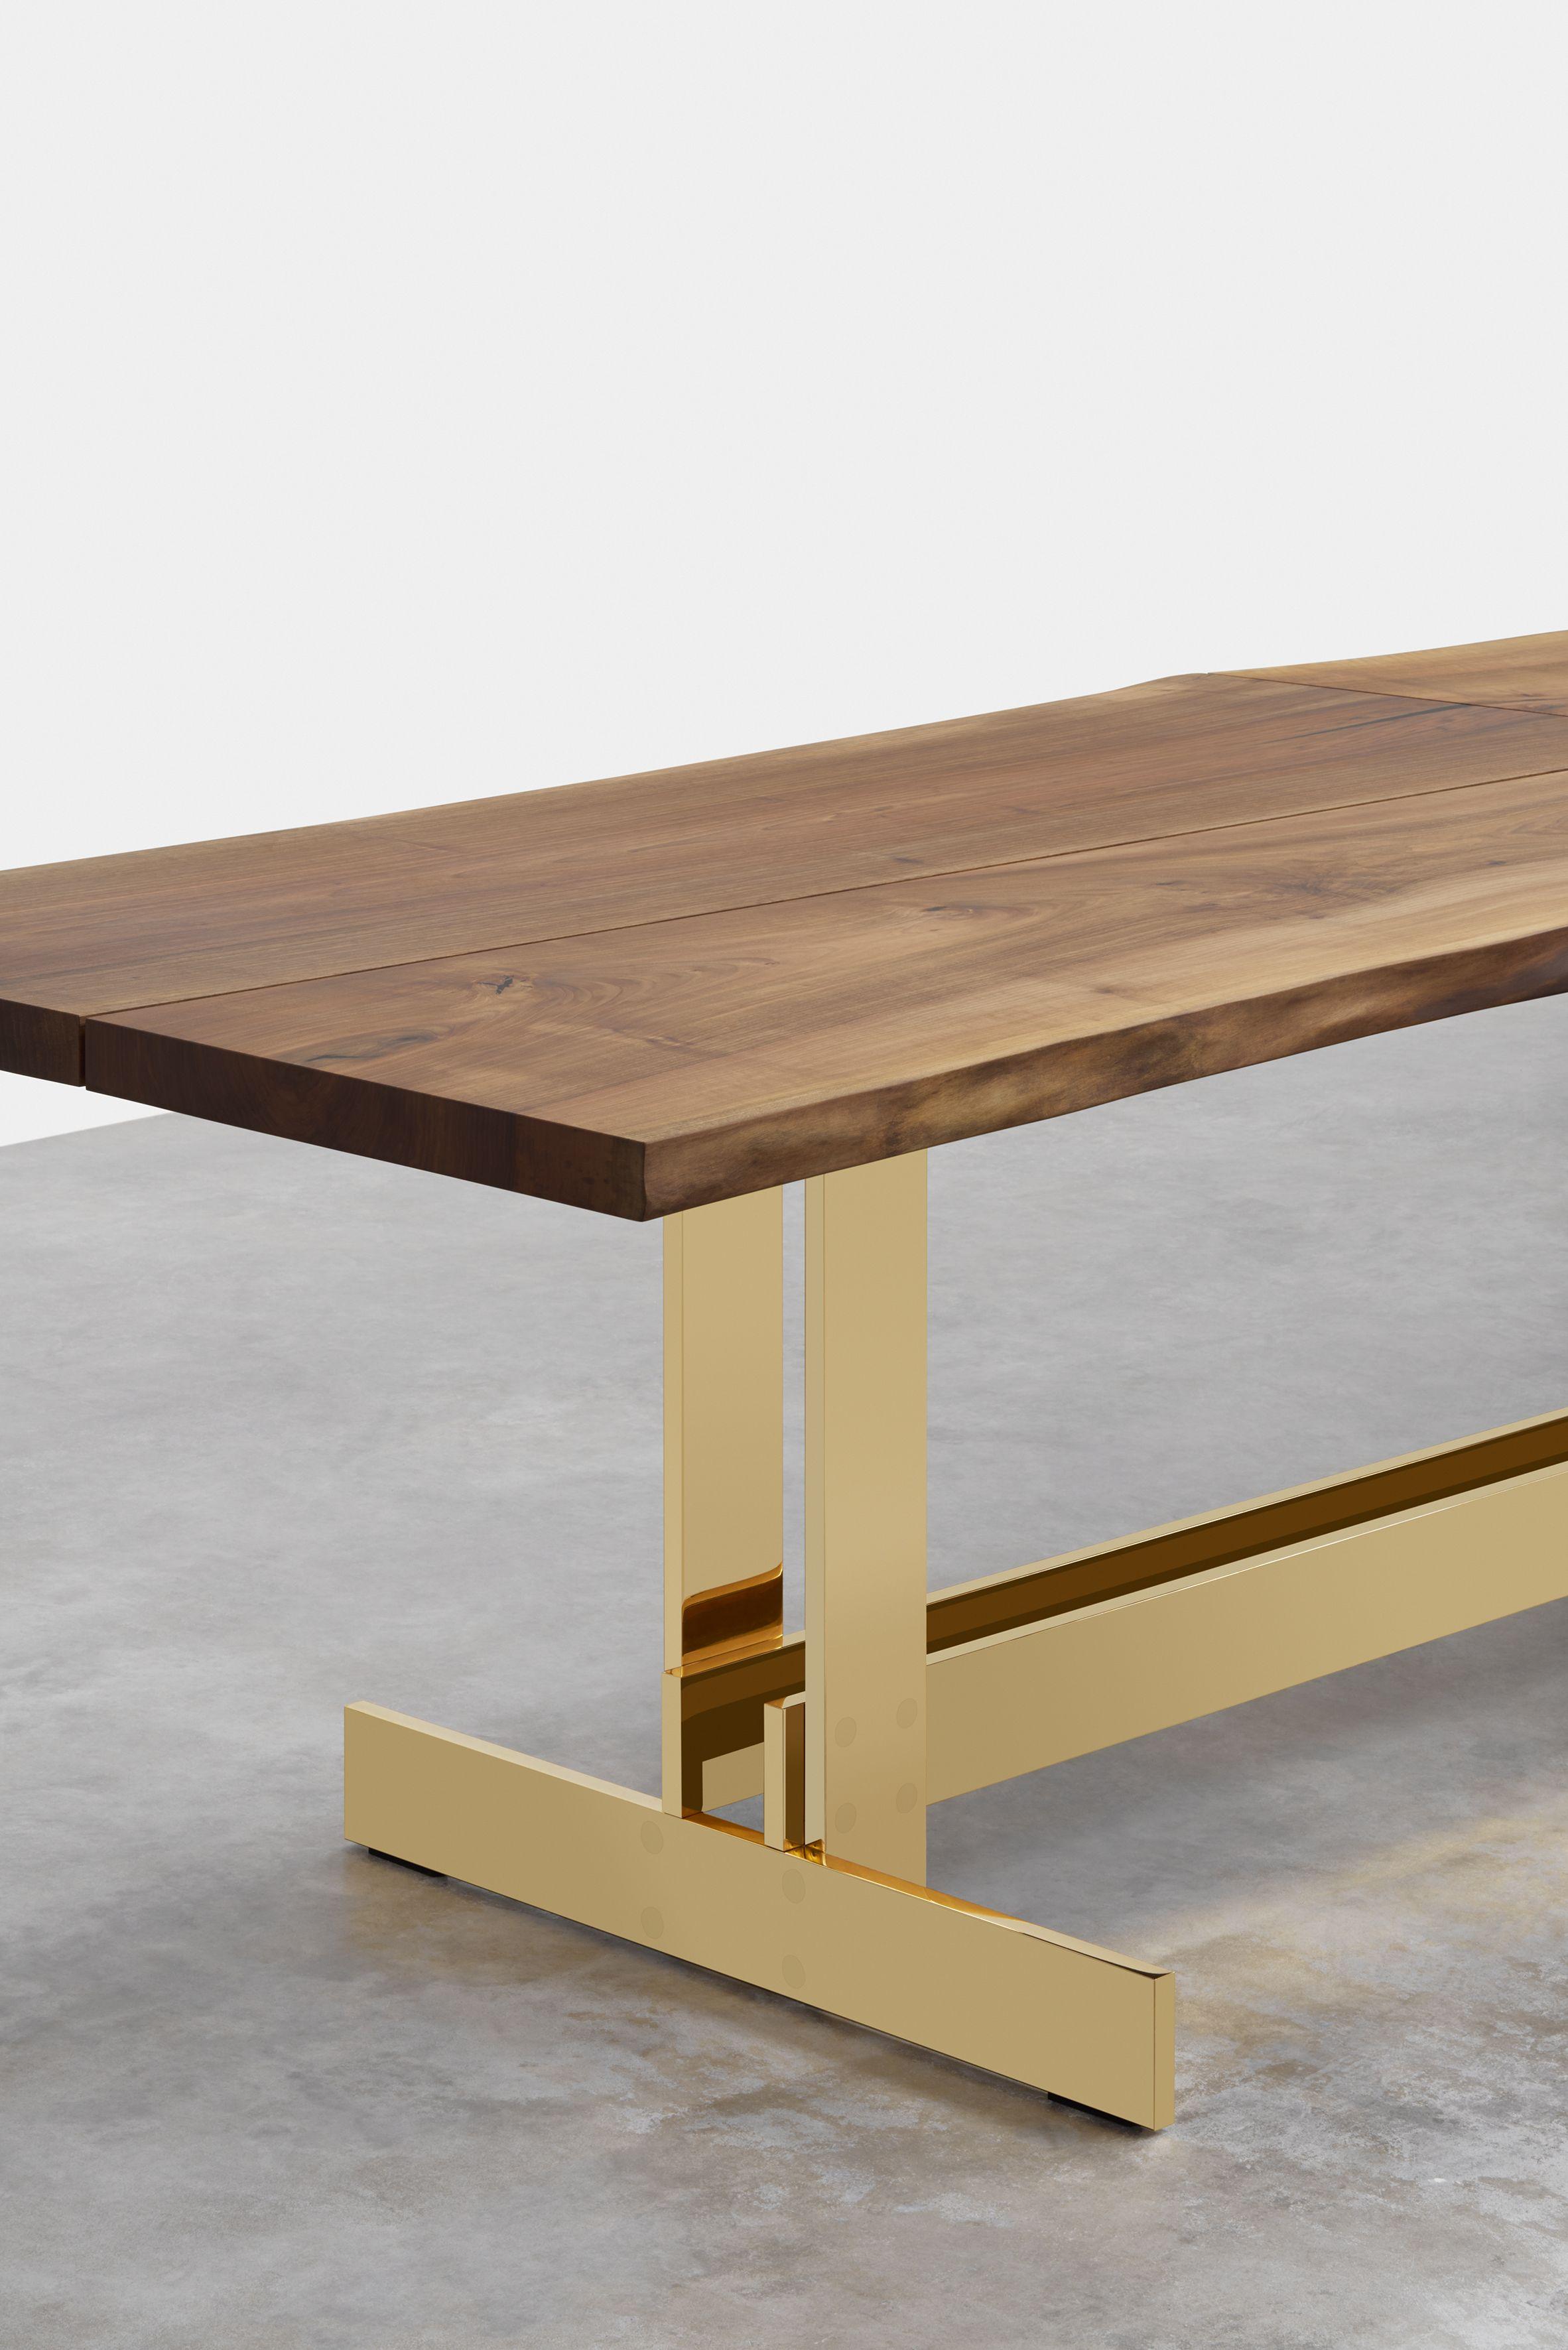 Solid Brass Base Meets Solid Walnut Top E15 S Signature Table Trunk Ii E15 Com E15 Selected E Metal Leg Dining Table Brass Dining Table Dining Table Legs [ 3543 x 2364 Pixel ]